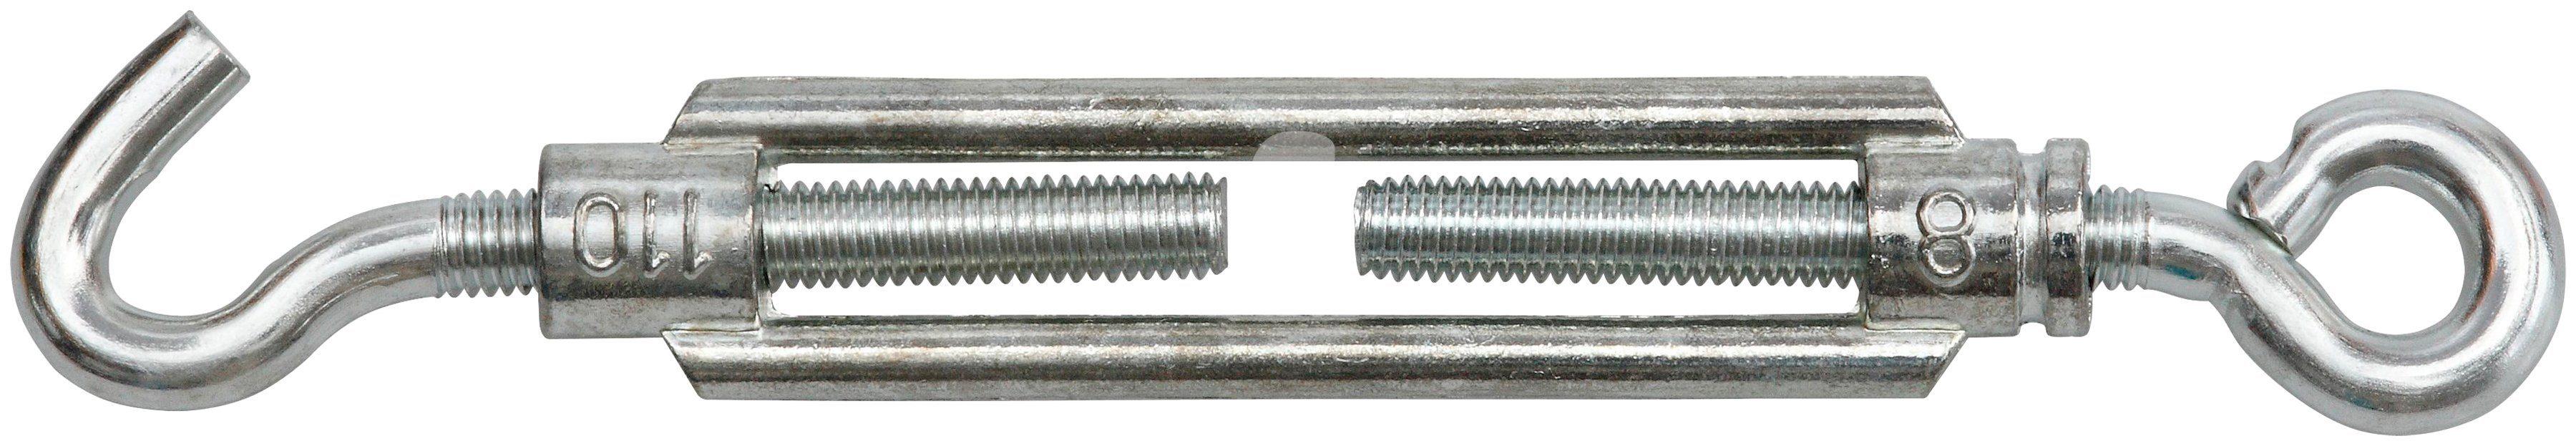 RAMSES Seilspanner , mit Haken und Öse M8 x 70 mm Stahl verzinkt 25 Stück